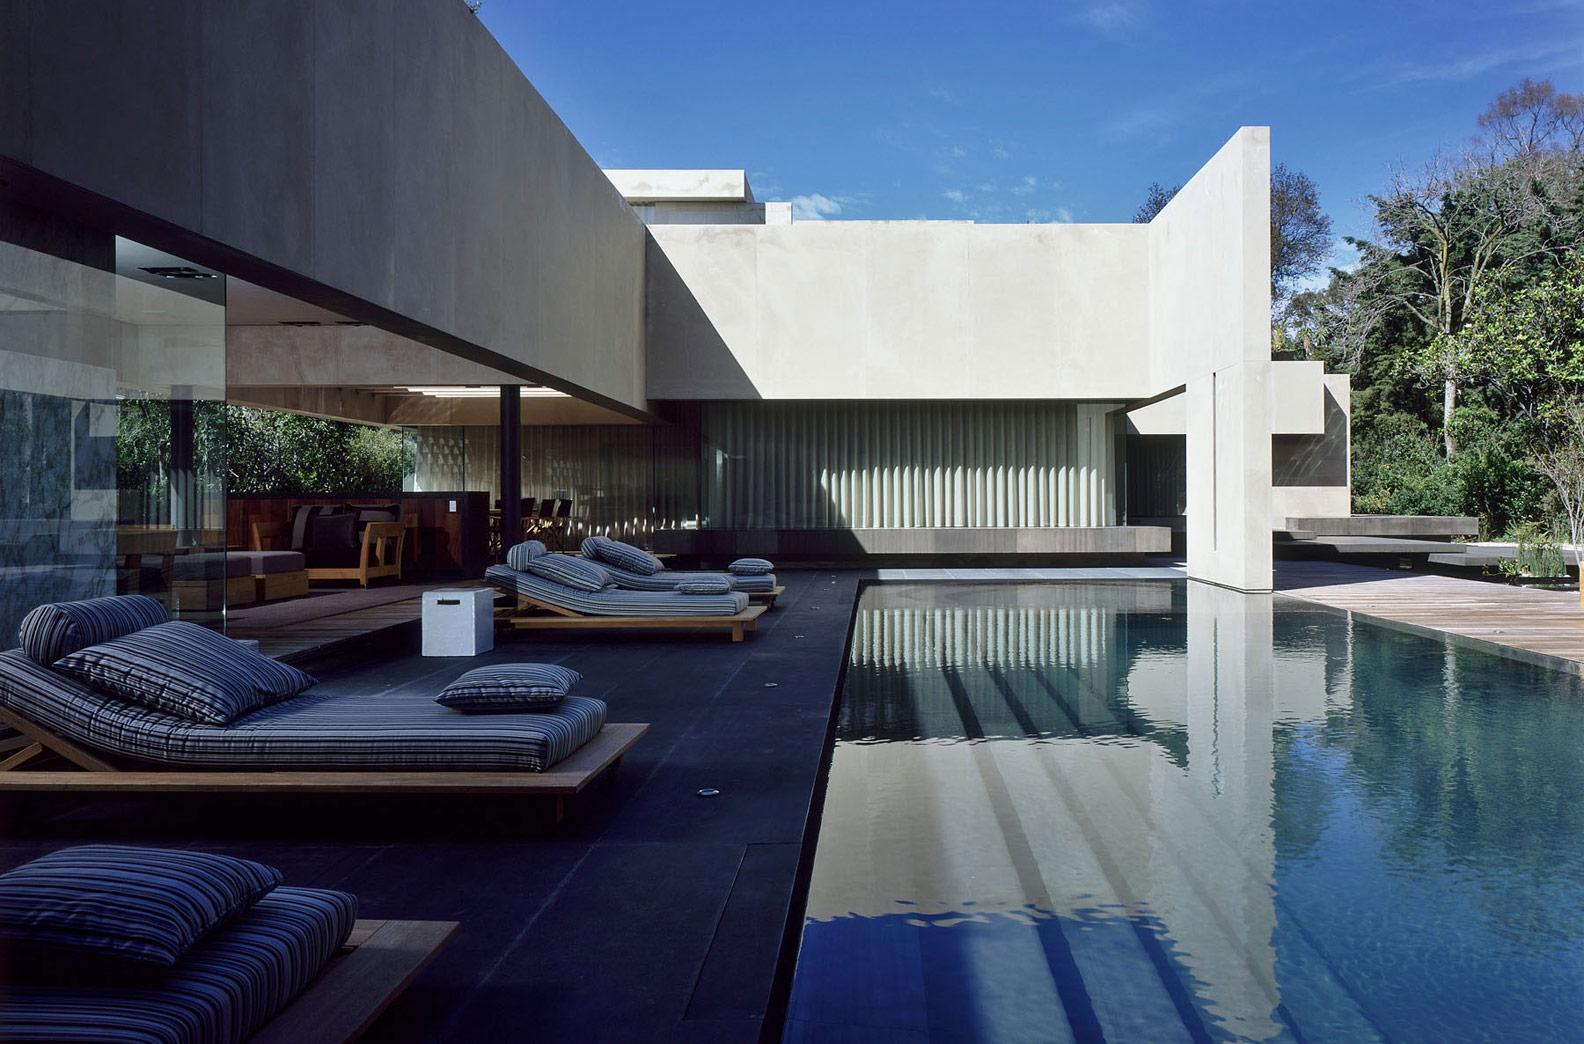 casa-reforma-by-central-de-arquitectura-01